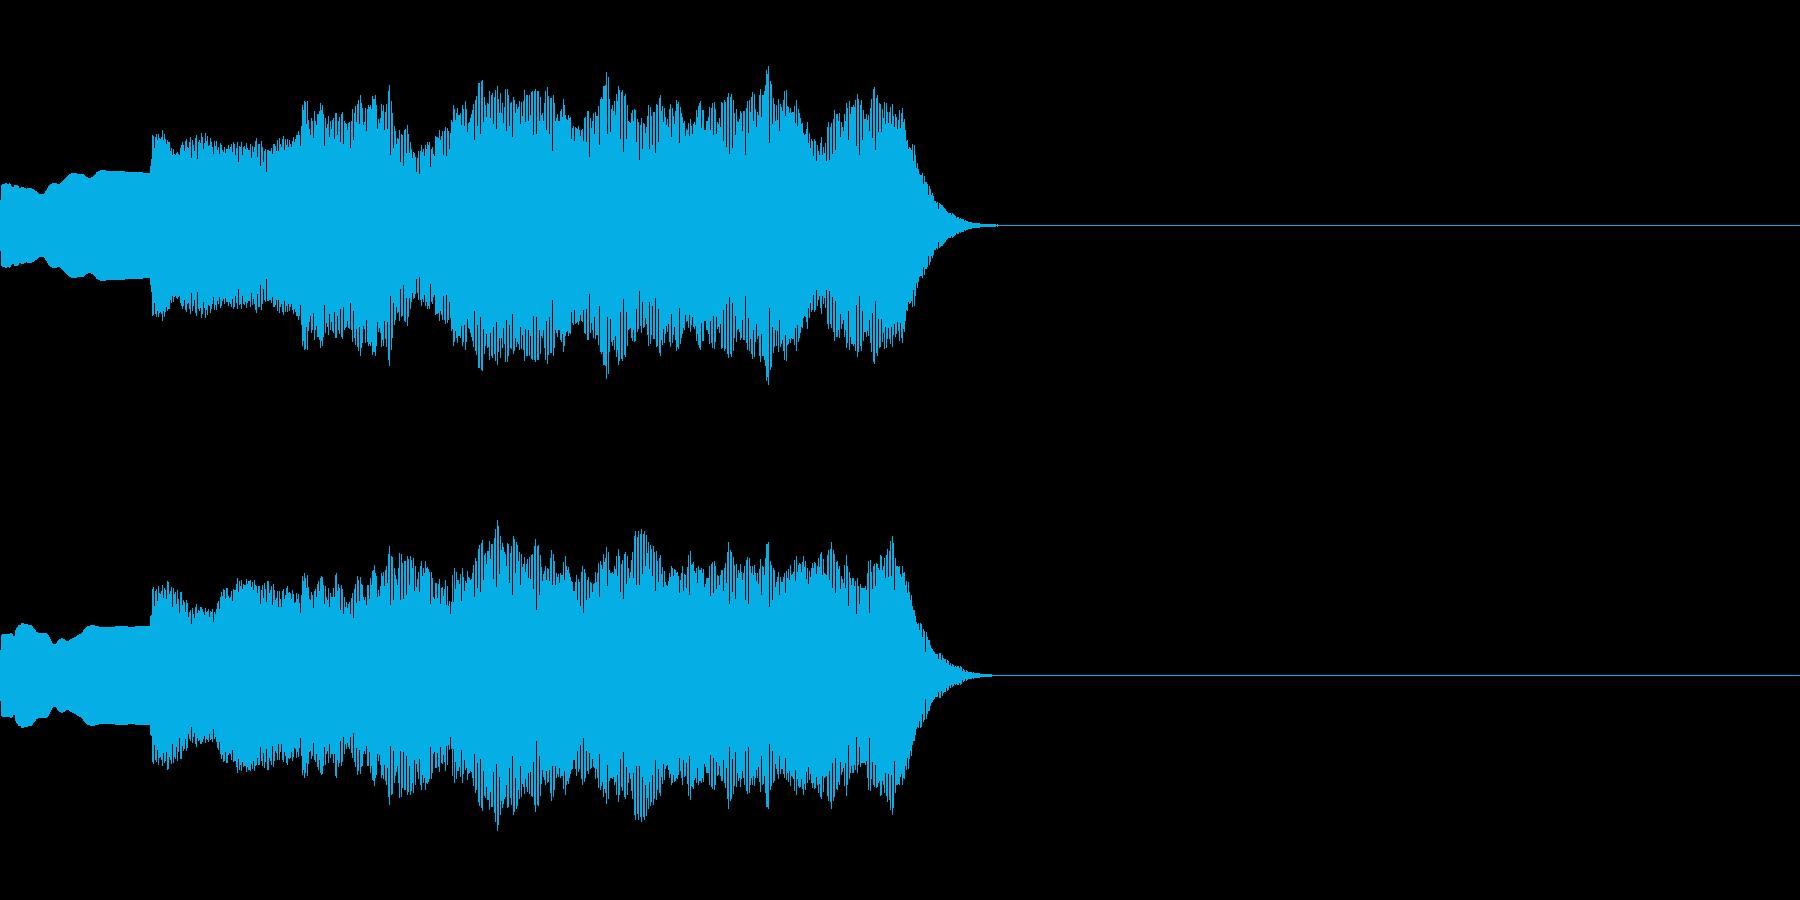 ピンポンパンポン(店内アナウンス前の音)の再生済みの波形